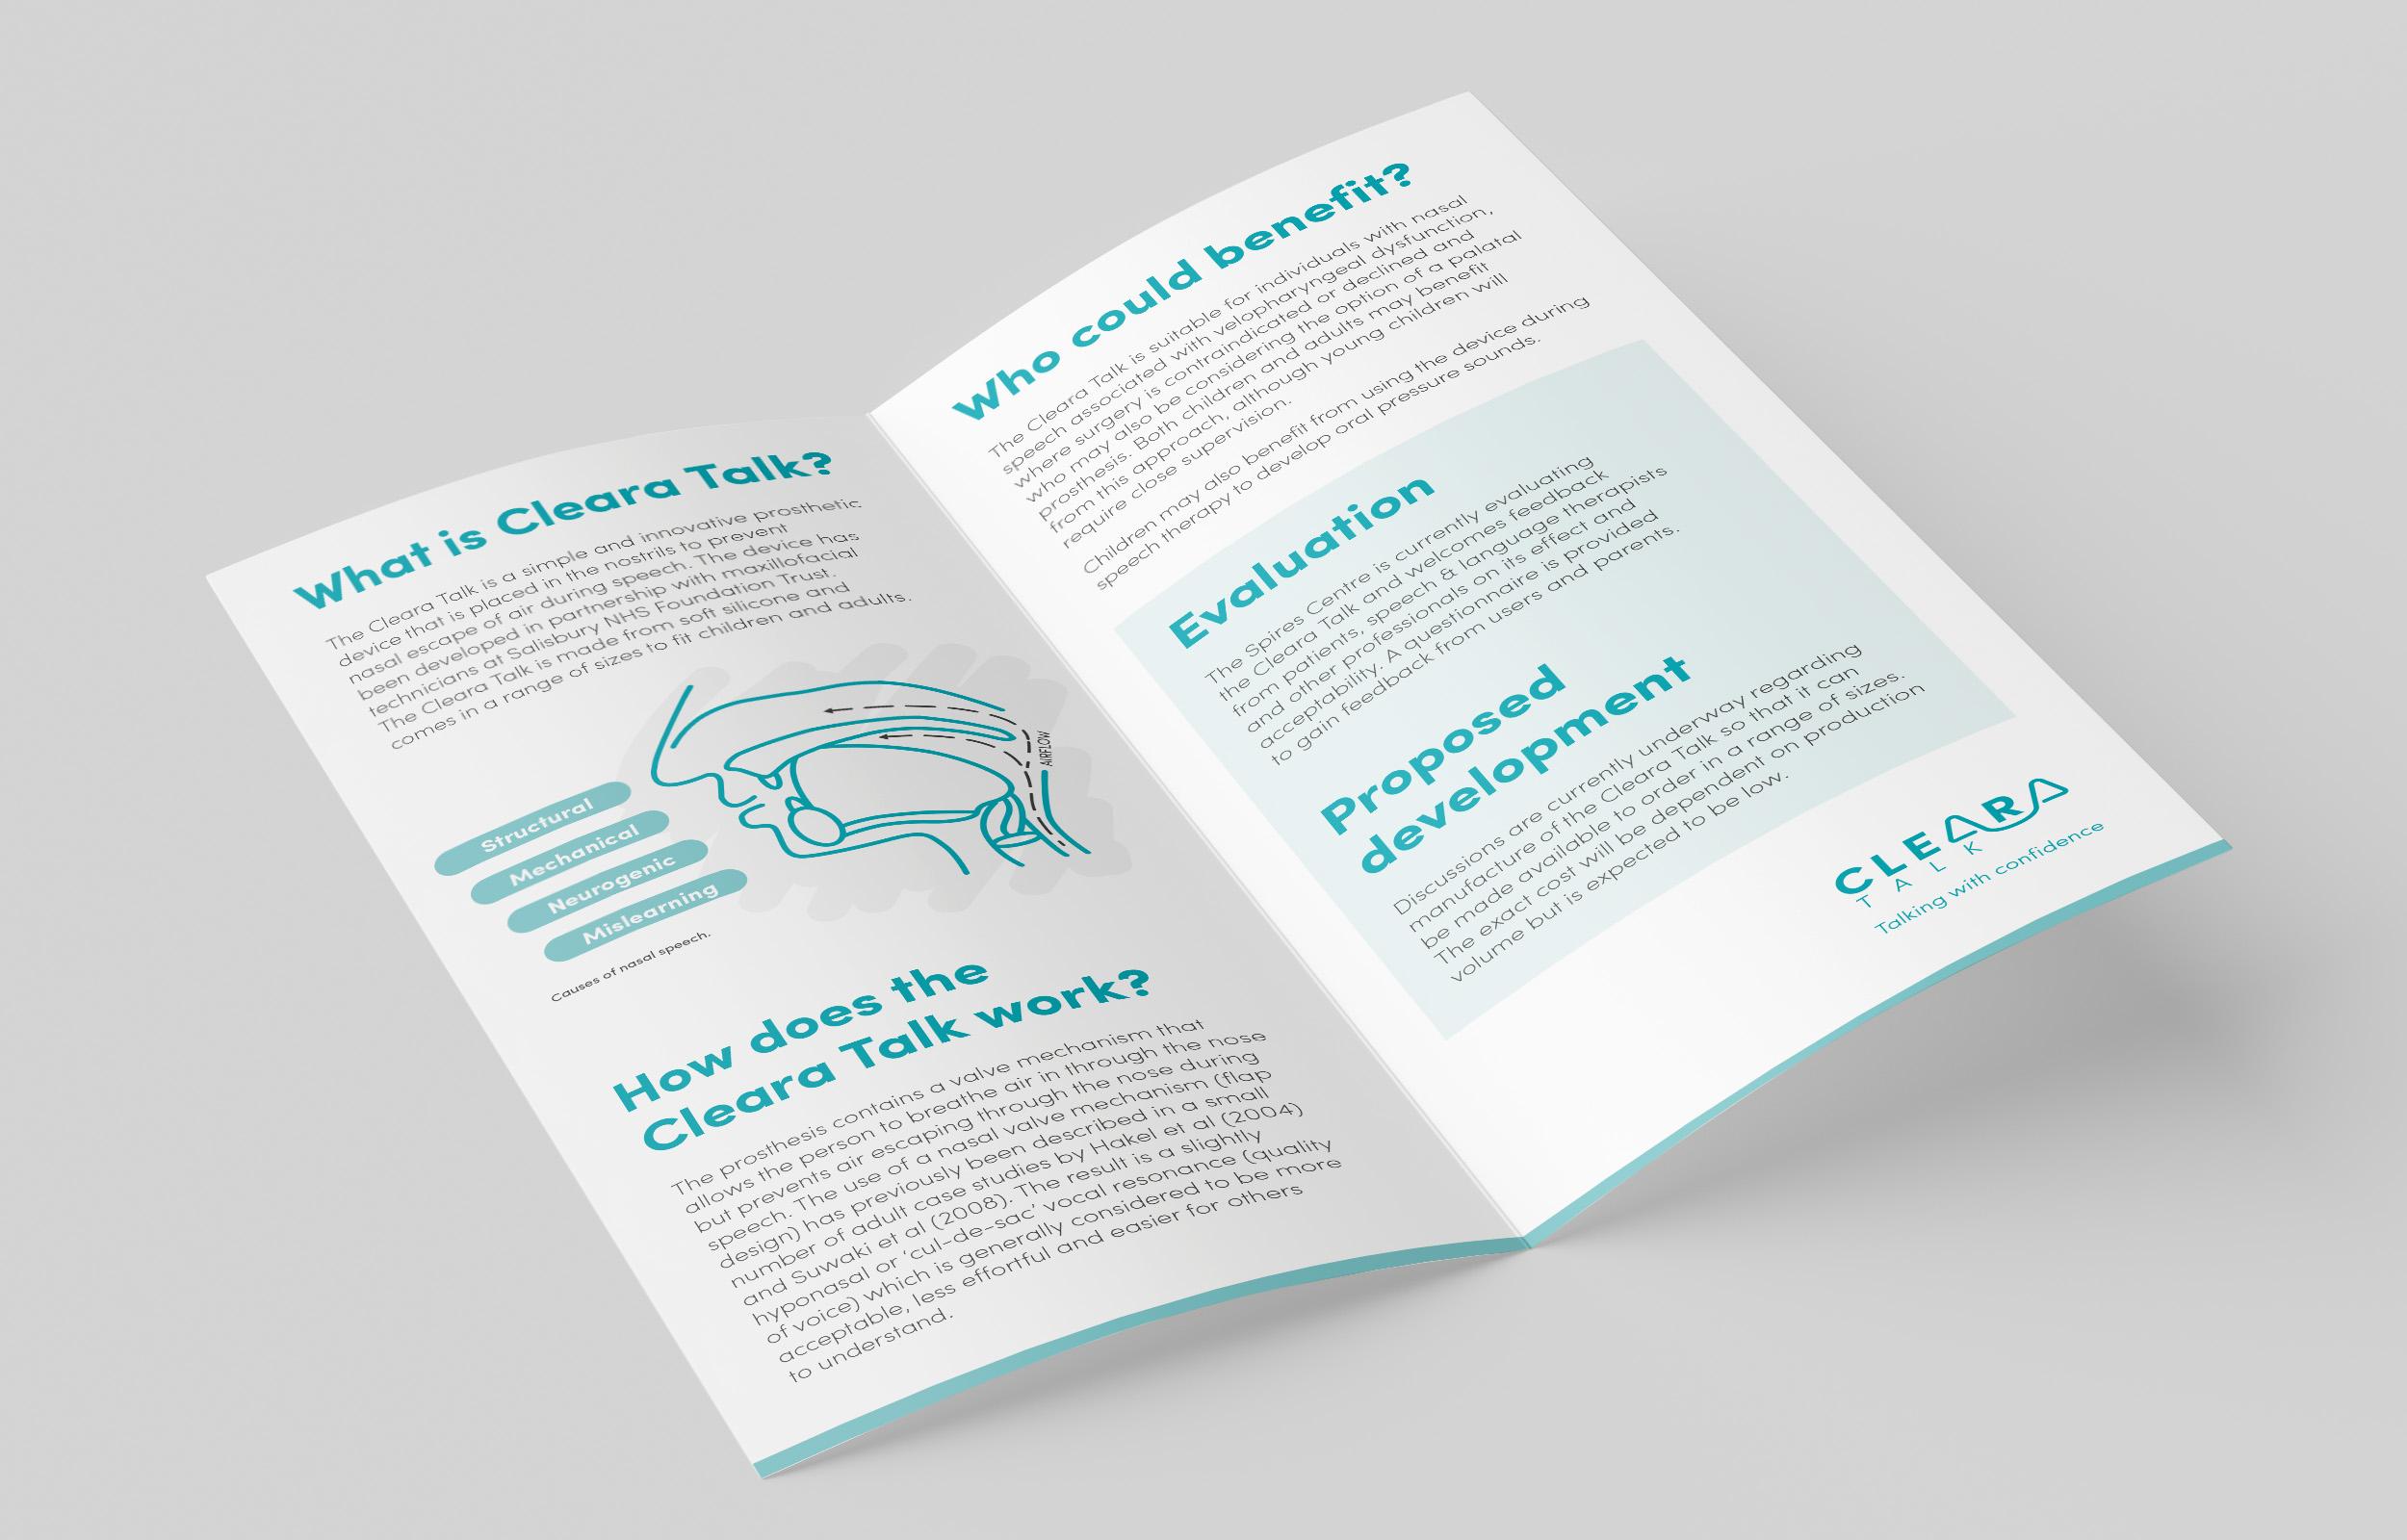 ClearaTalk-Mockup_Leaflet_2-2500.jpg